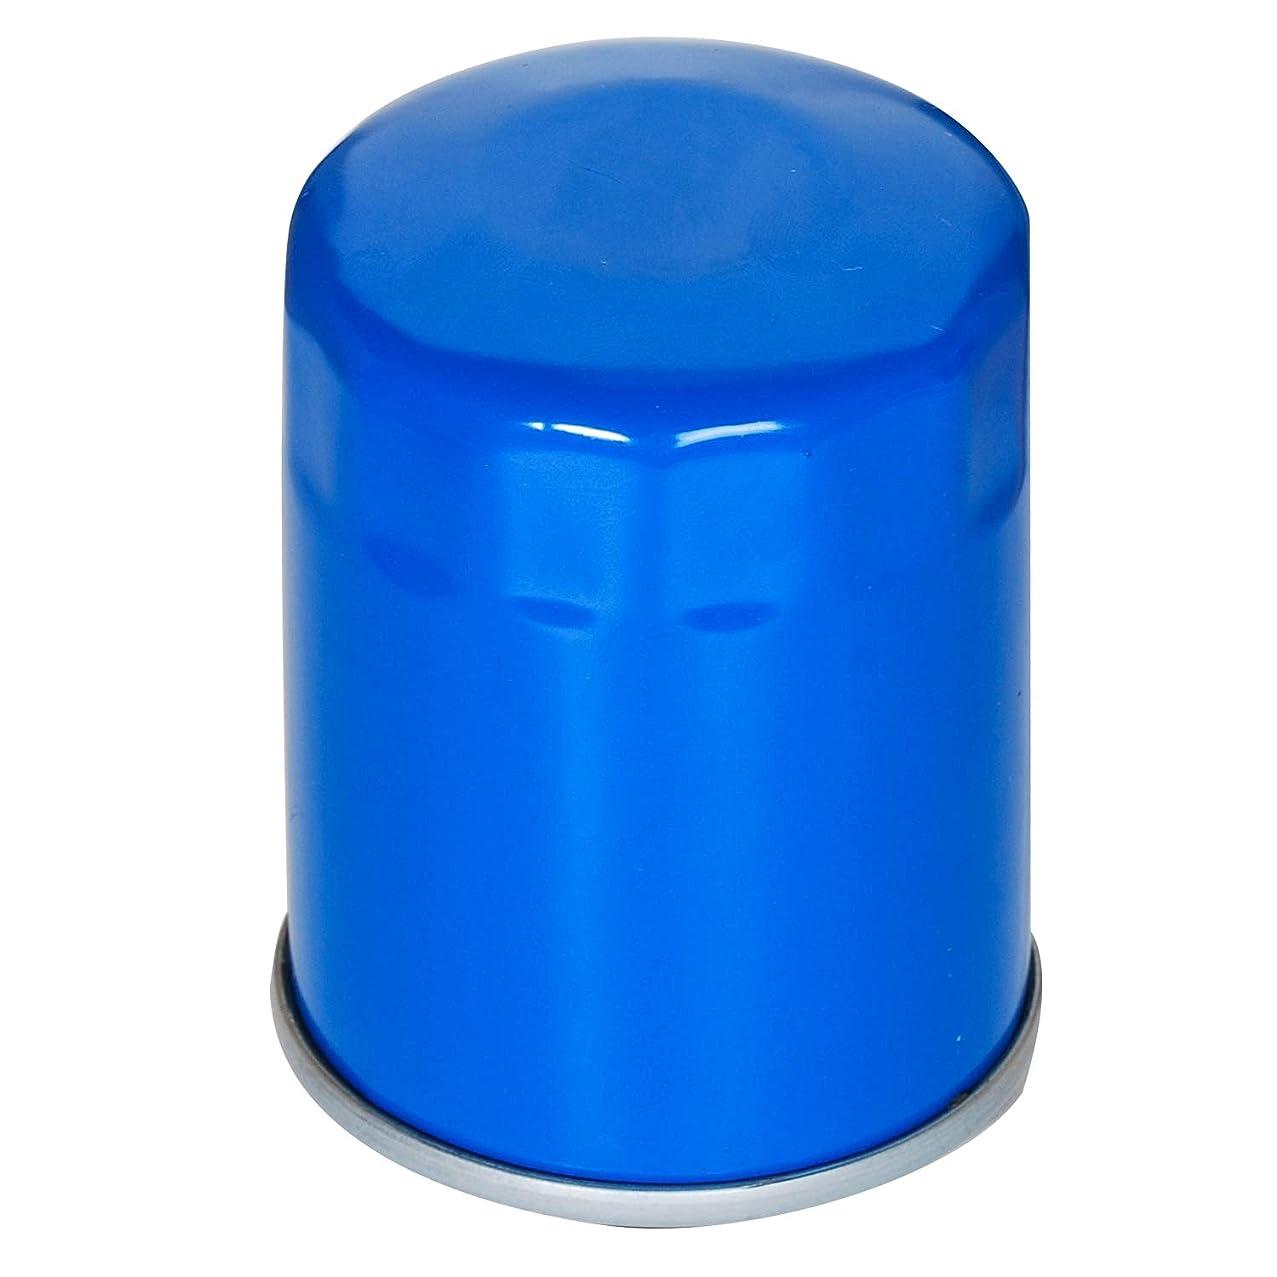 HIFROM Oil Filter Replace for Honda GX610 GX620 GX630 GX660 GX670 GX690 Part # 15400-PLM-A02